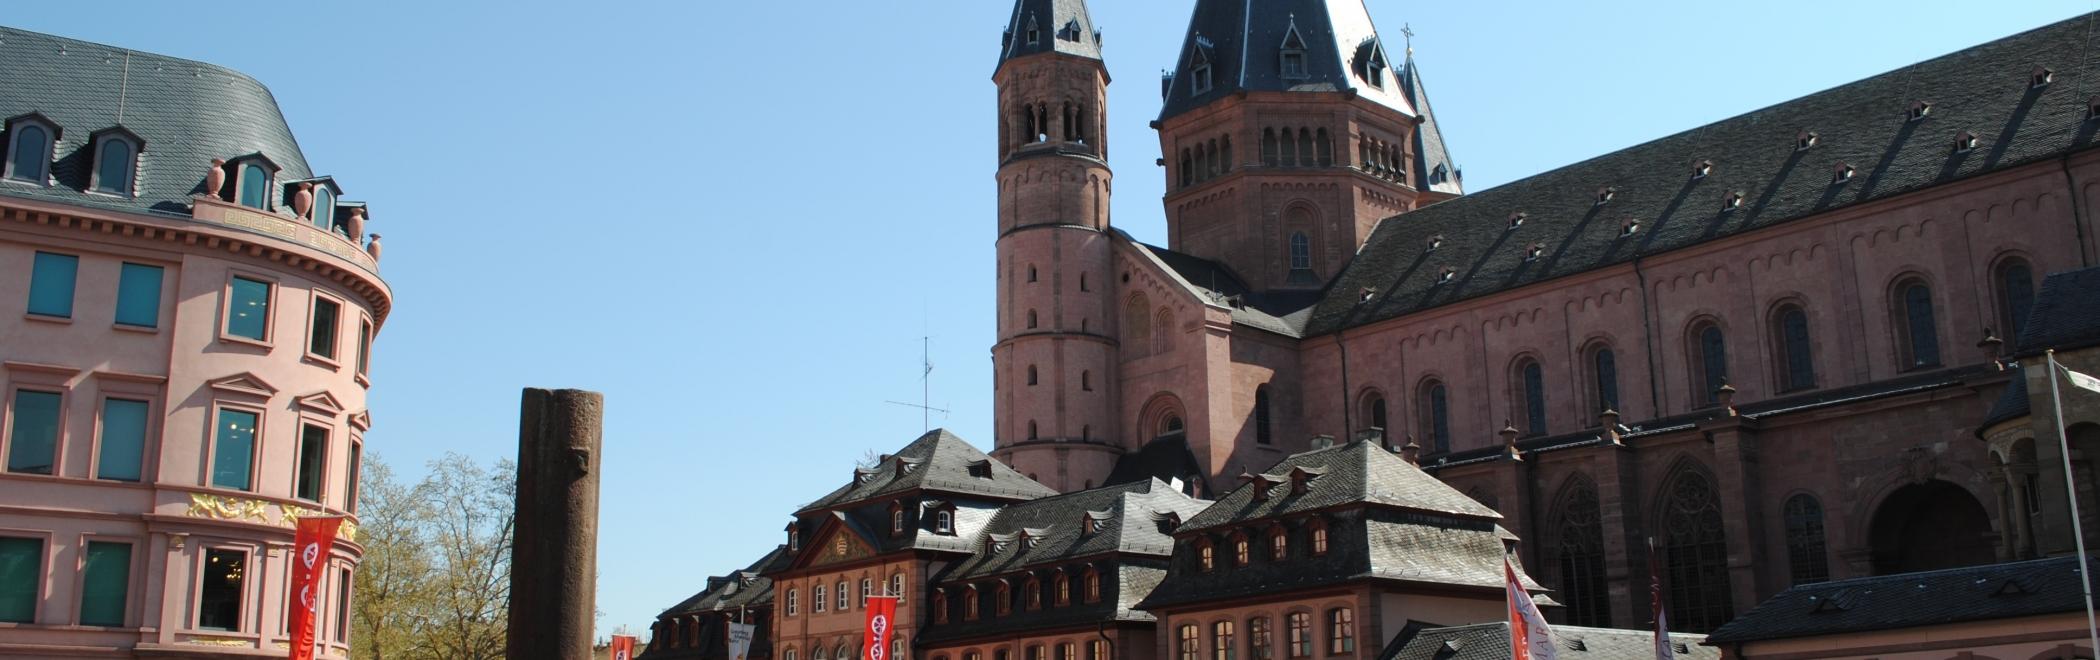 Rhein Dom Marktplatz